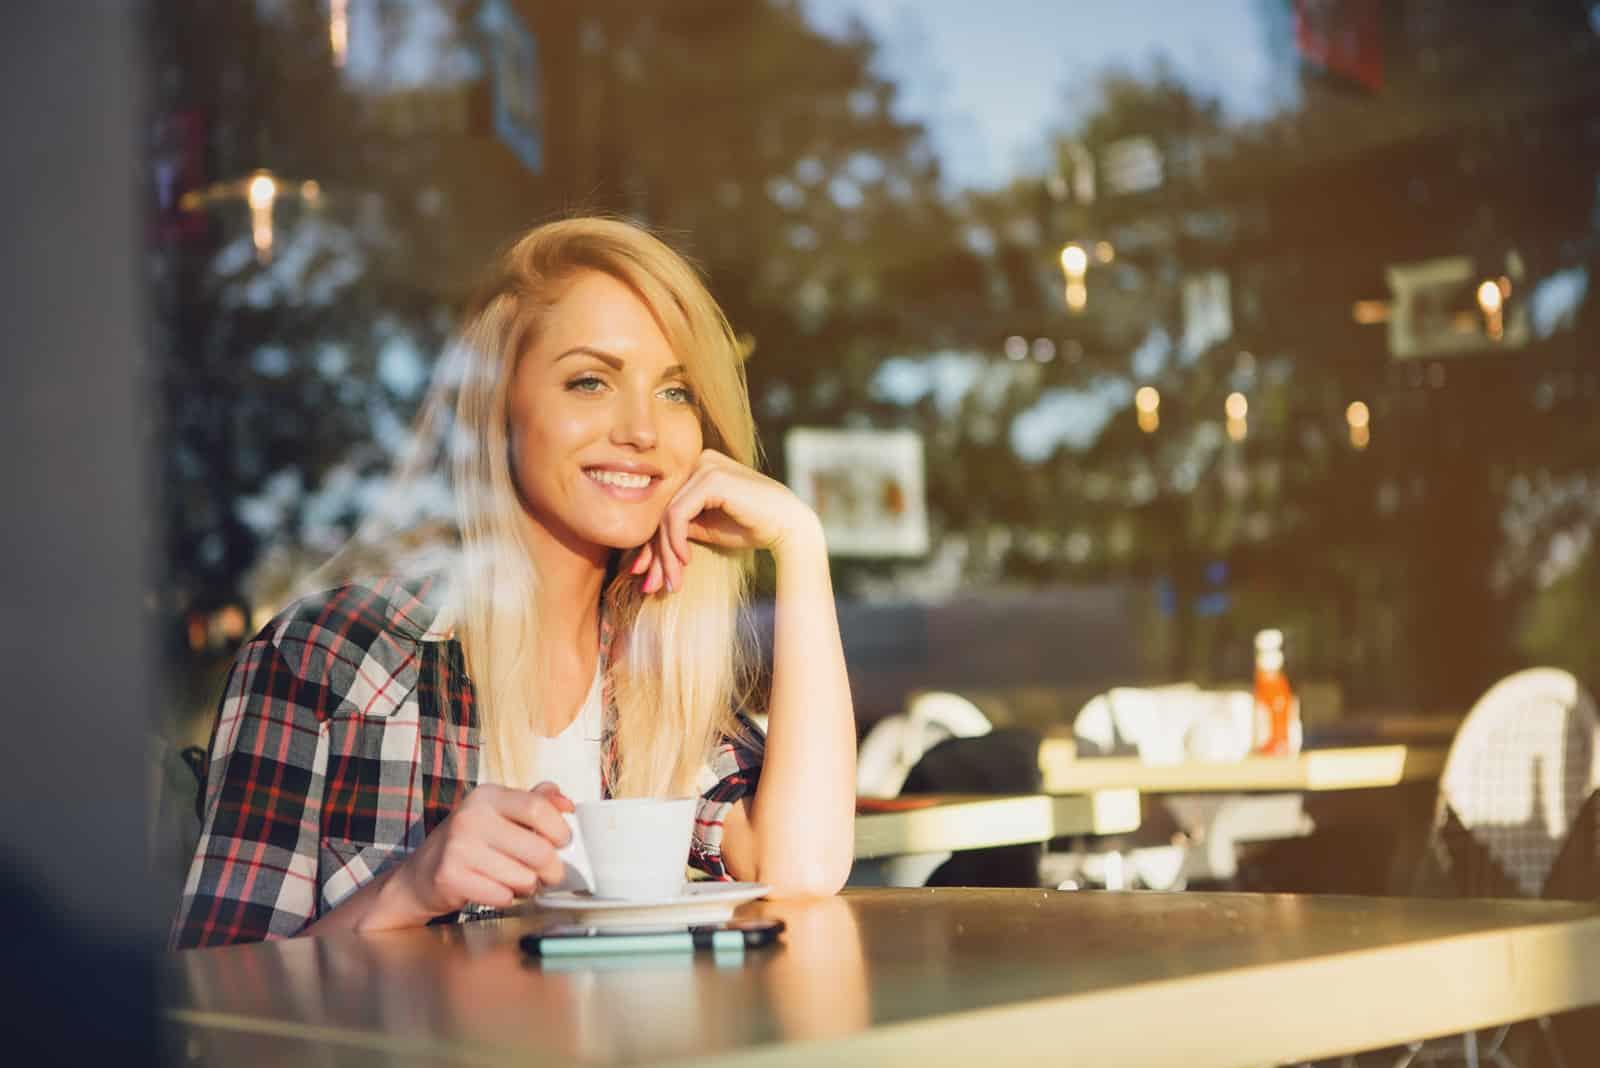 une femme aux cheveux blonds est assise et boit du café